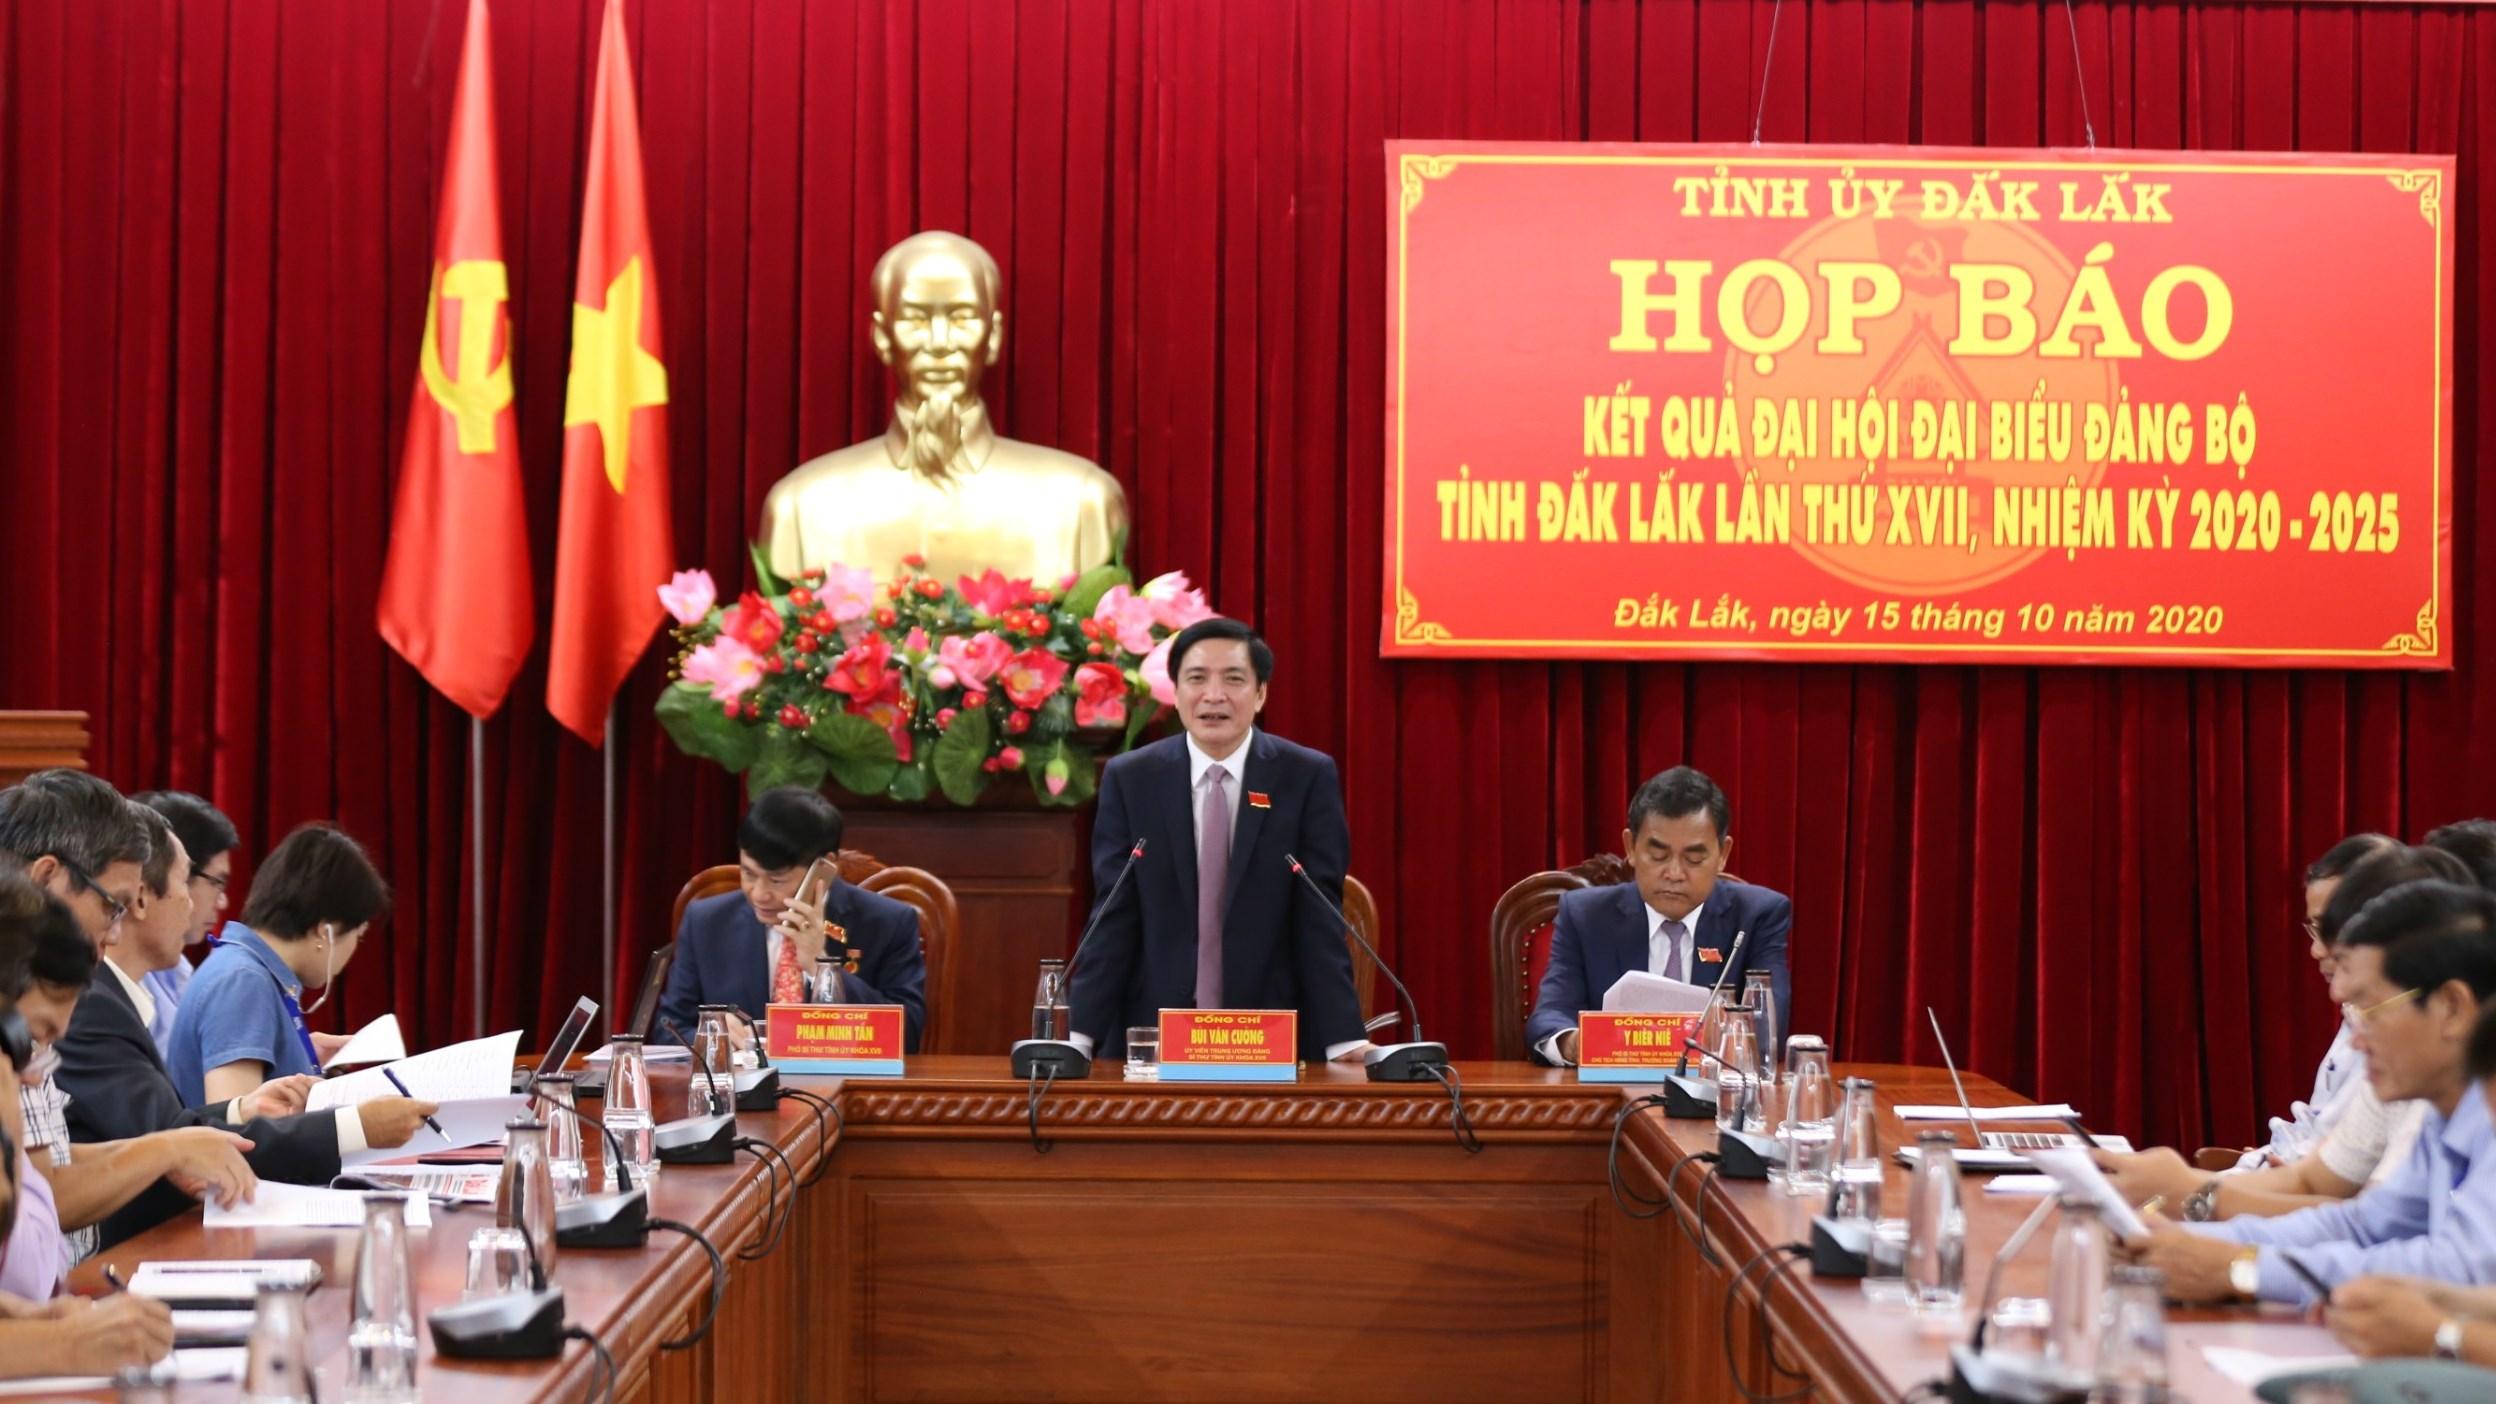 Họp báo thông tin về kết quả Đại hội đại biểu Đảng bộ tỉnh lần thứ XVII, nhiệm kỳ 2020 -2025